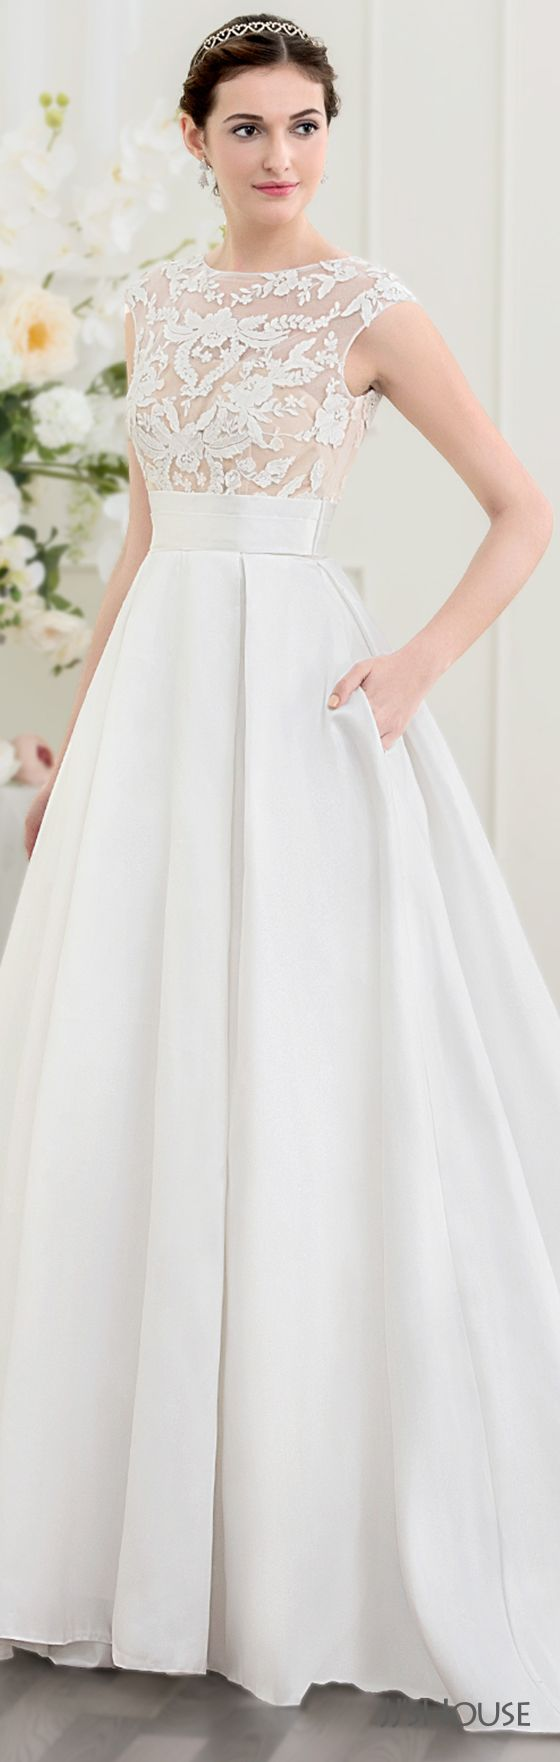 47 besten Šaty Bilder auf Pinterest | Abendkleid, Abendkleider und ...